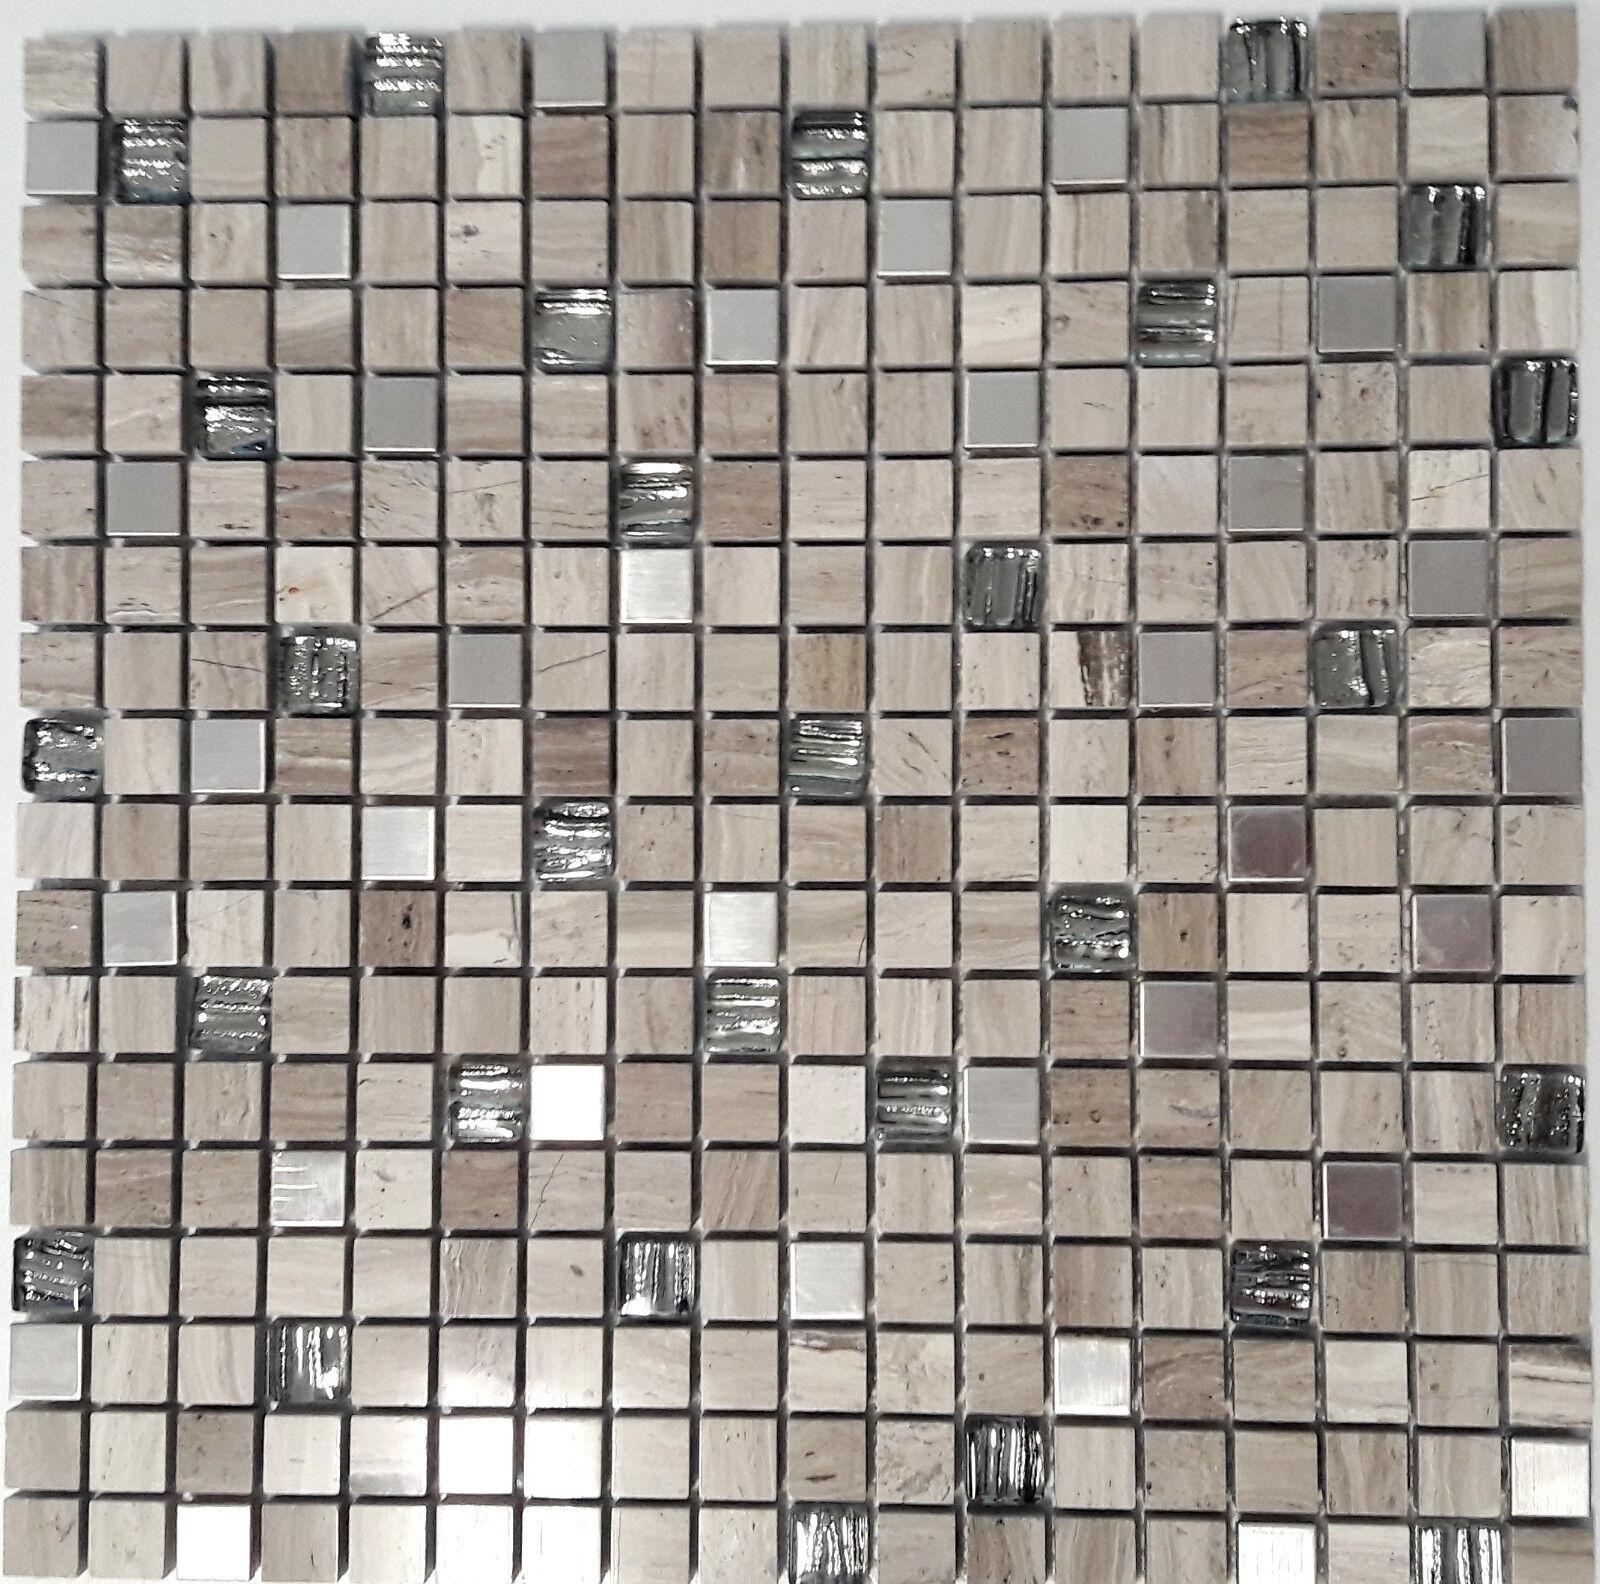 Mosaiksteine Glas-  Naturstein-  Stahlmosaik mix Holzoptik  Art  Weiß-Wood-Q_f